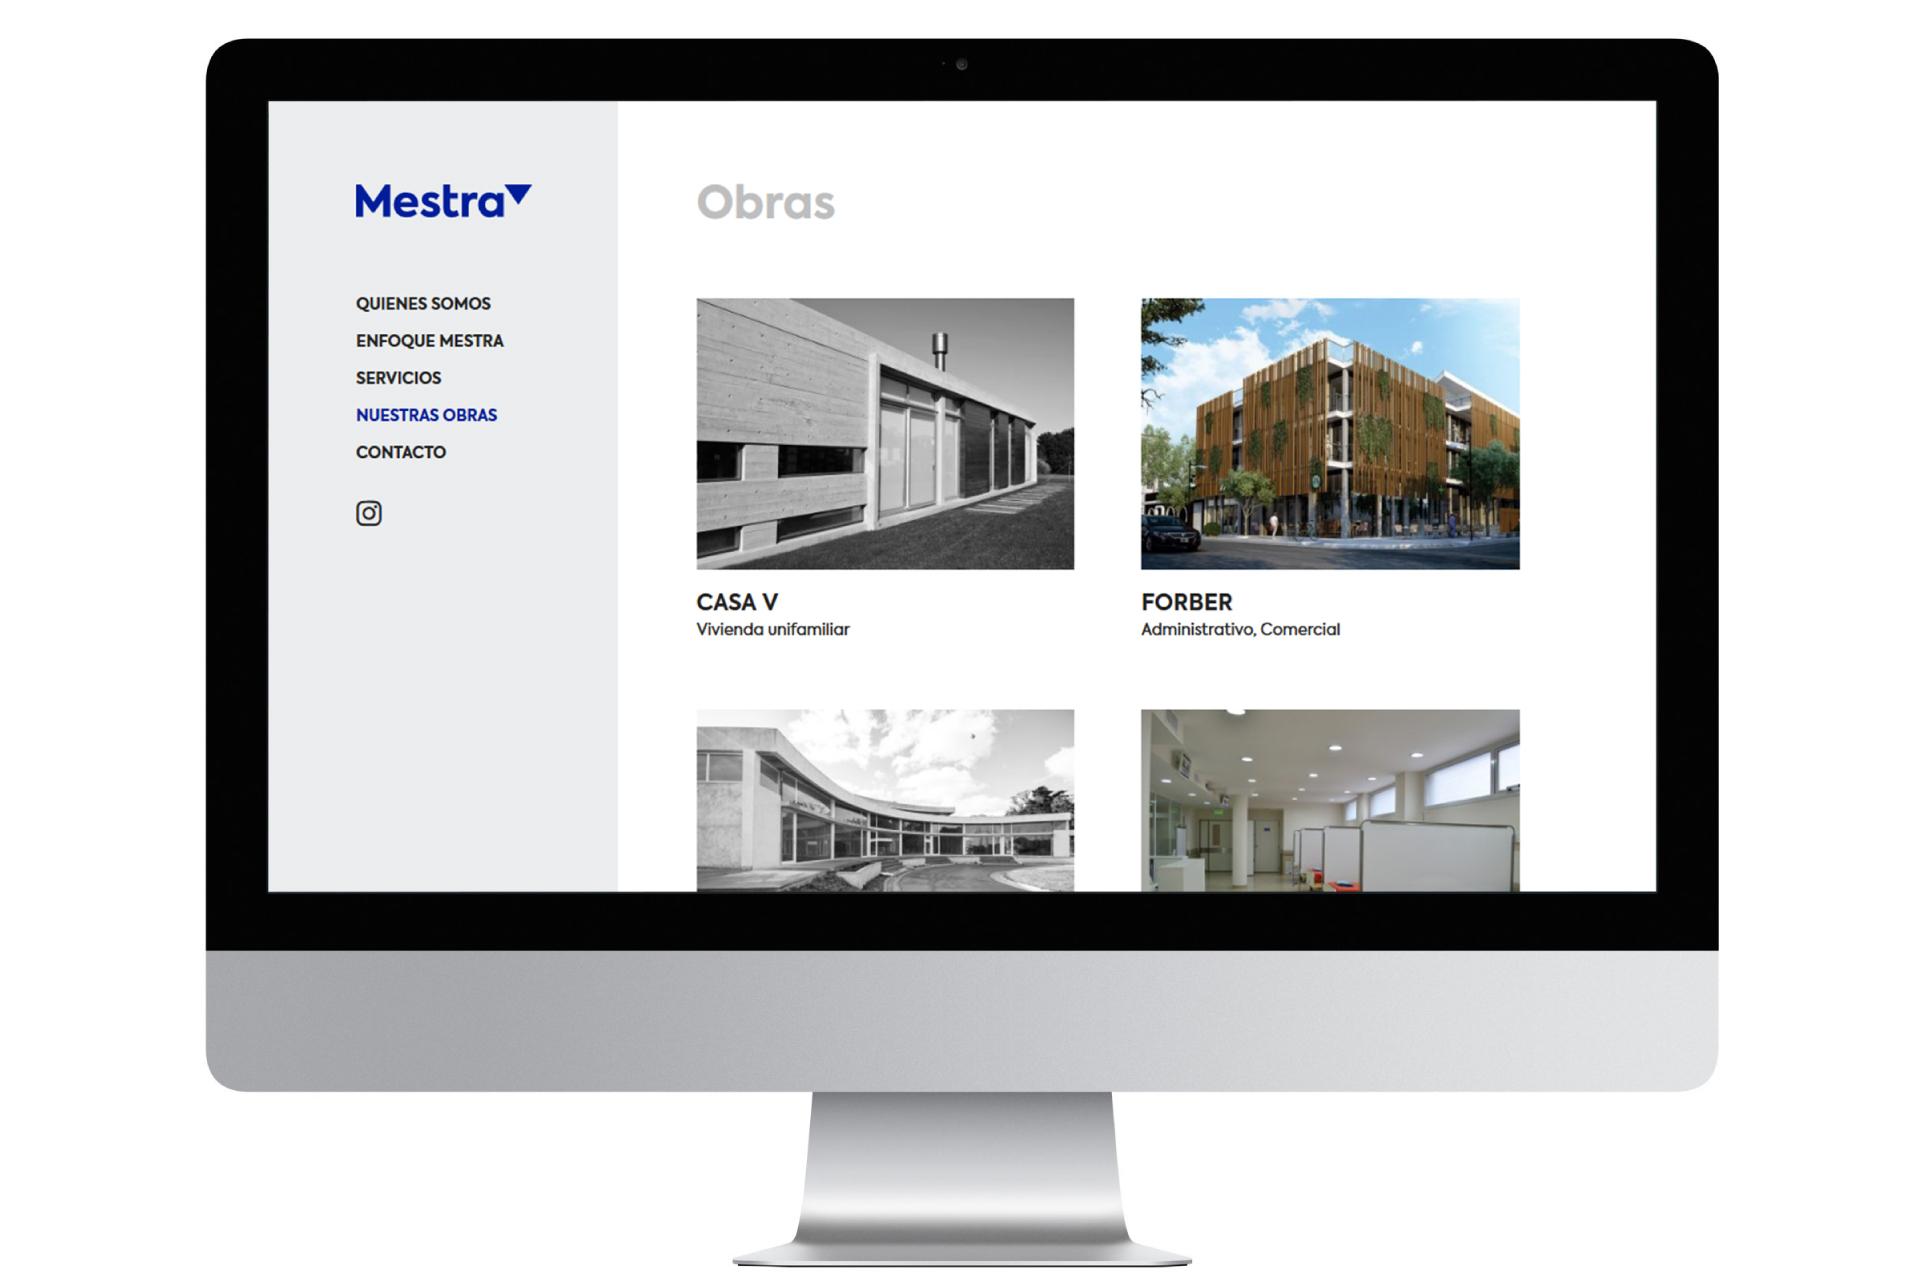 Contar con una buena fotografía en el diseño web